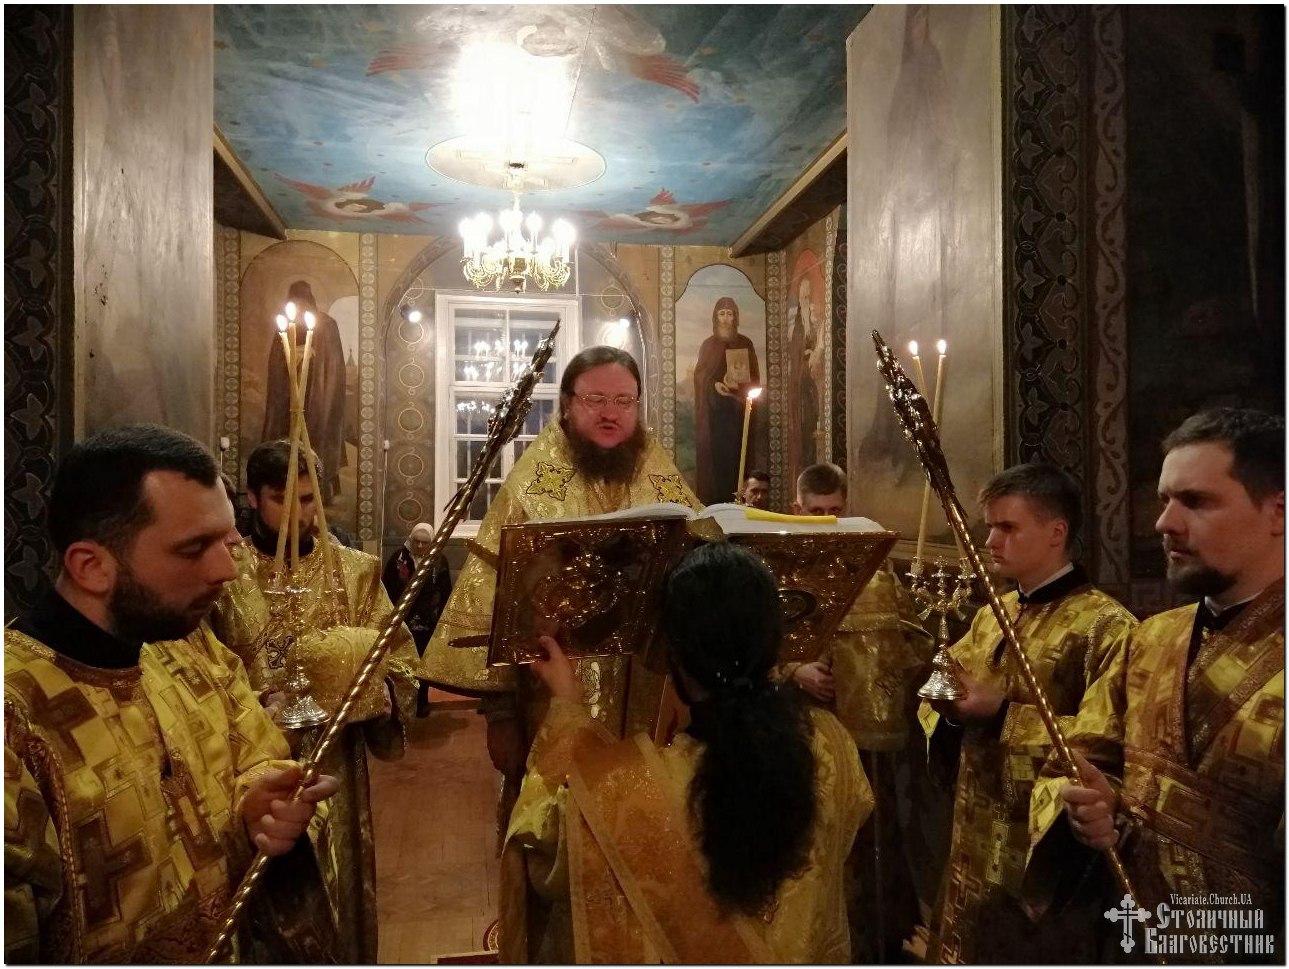 Архієпископ Феодосій звершив всенічне бдіння напередодні Неділі сиропустної